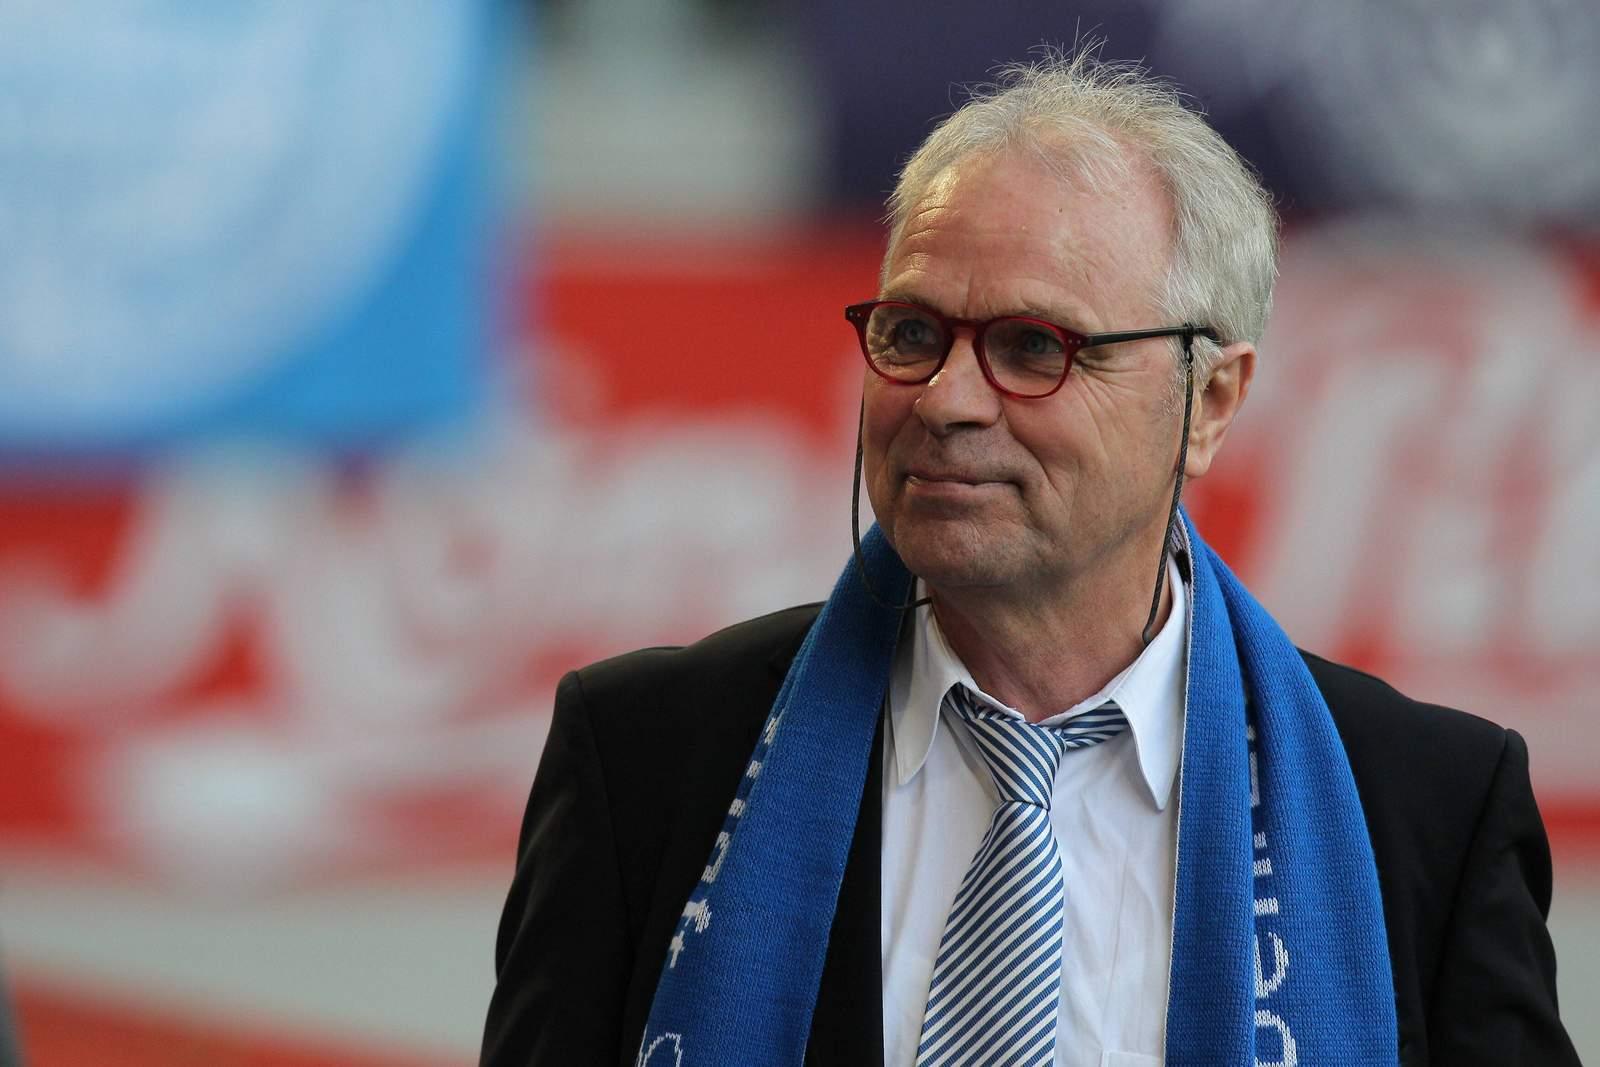 Bernard Dietz